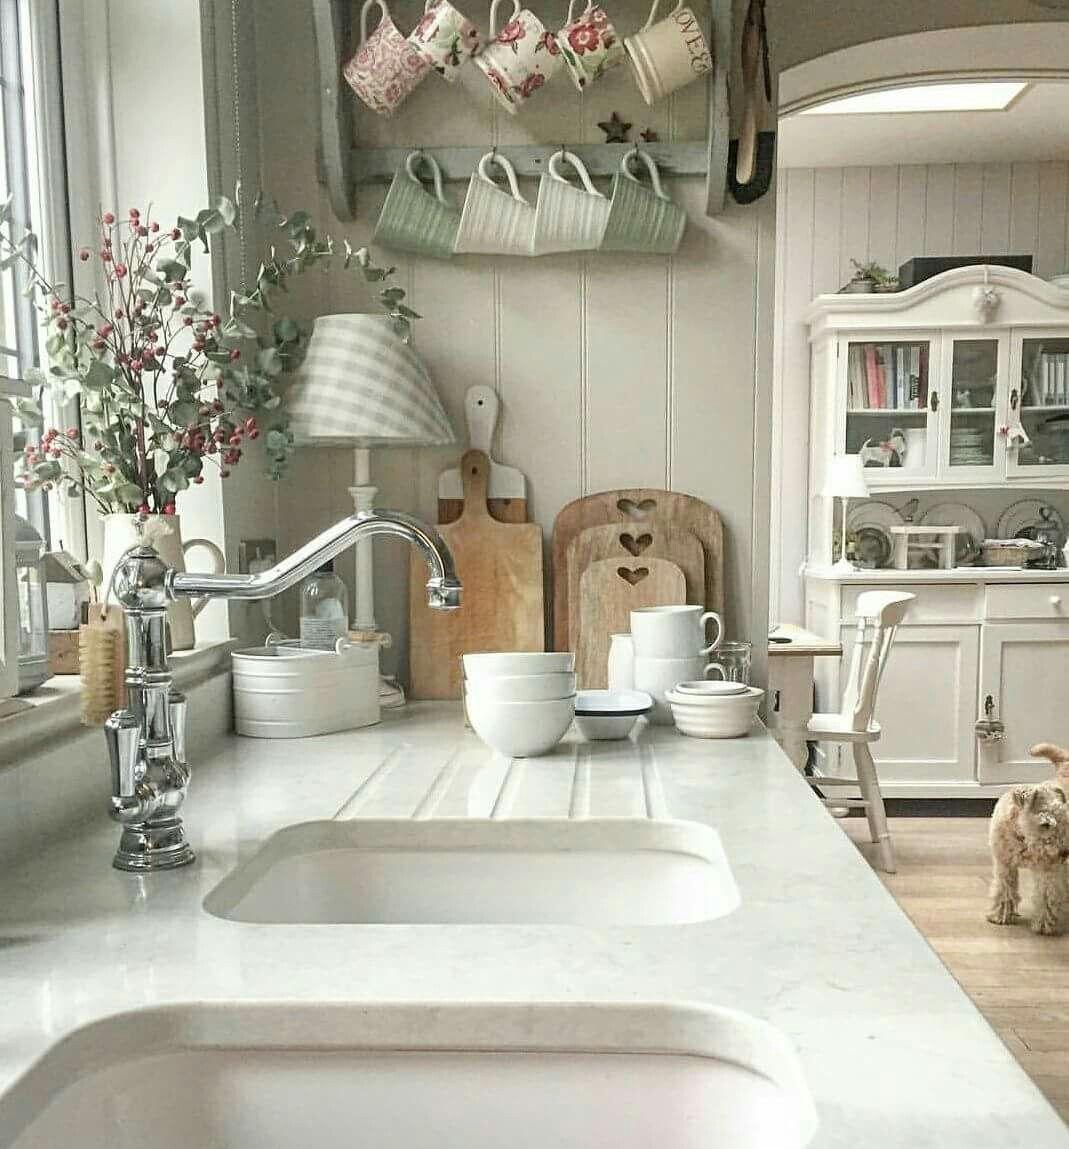 Shabby Chic Kitchen Decor Pictures: Pin Uživatele ŠD Na Nástěnce Kuchyň - Kitchen